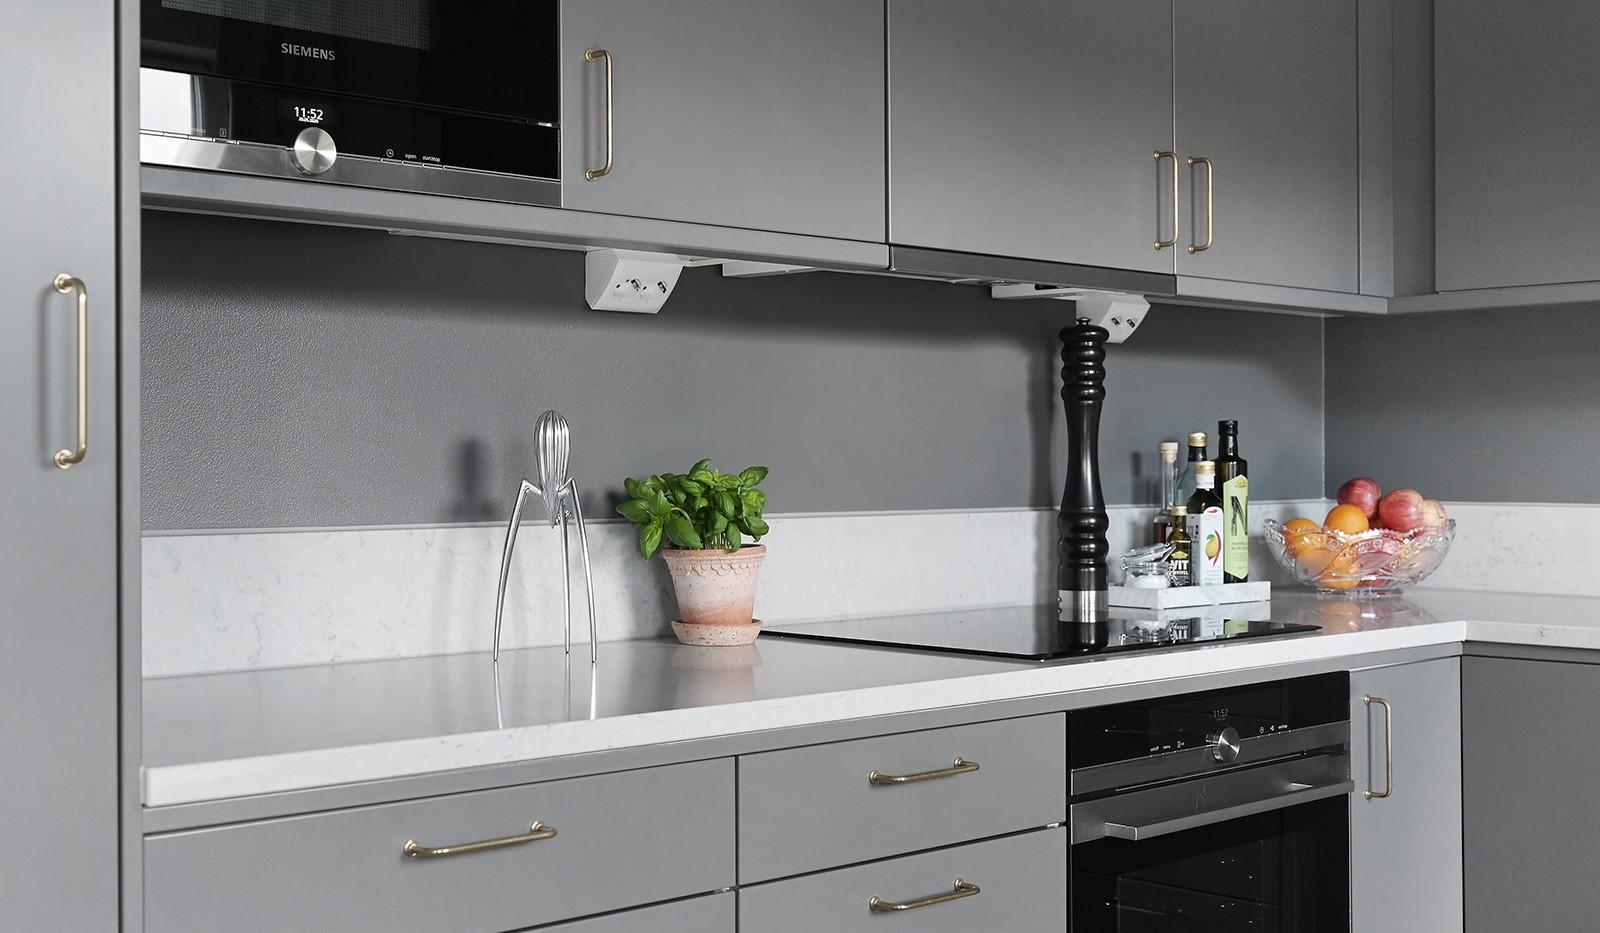 Sjöviksbacken 18, 4 tr - Fint grått kök med påkostad bänkskiva och messingbeslag